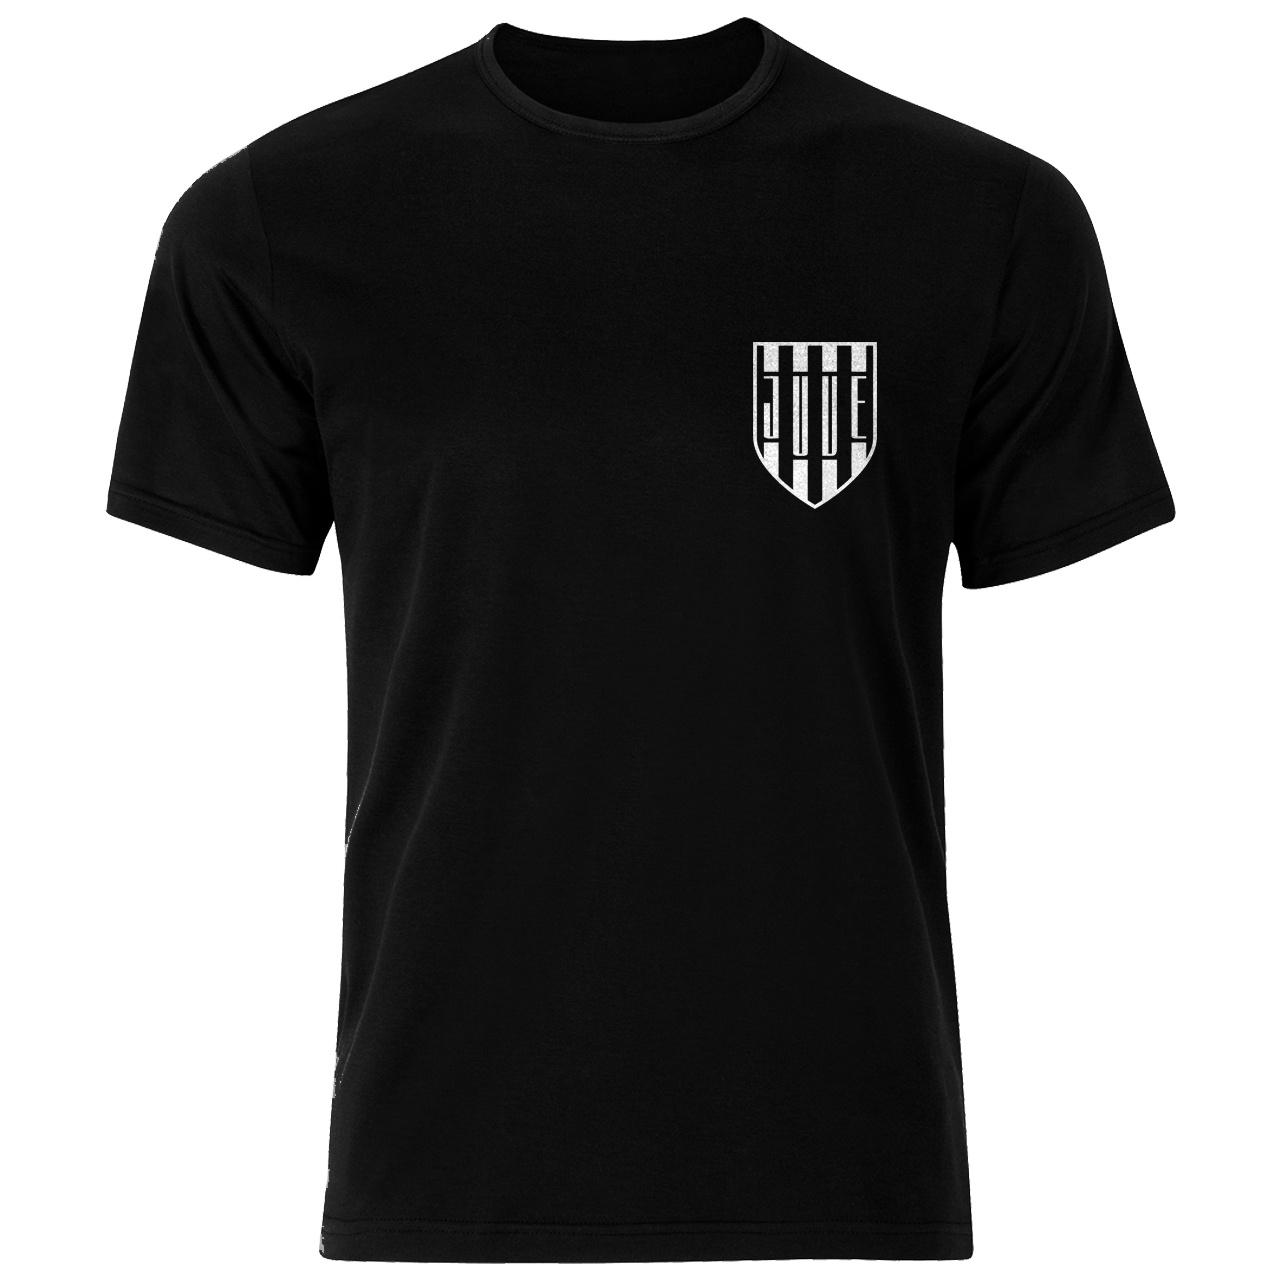 تصویر تی شرت فلوریزا طرح یوونتوس کد 006